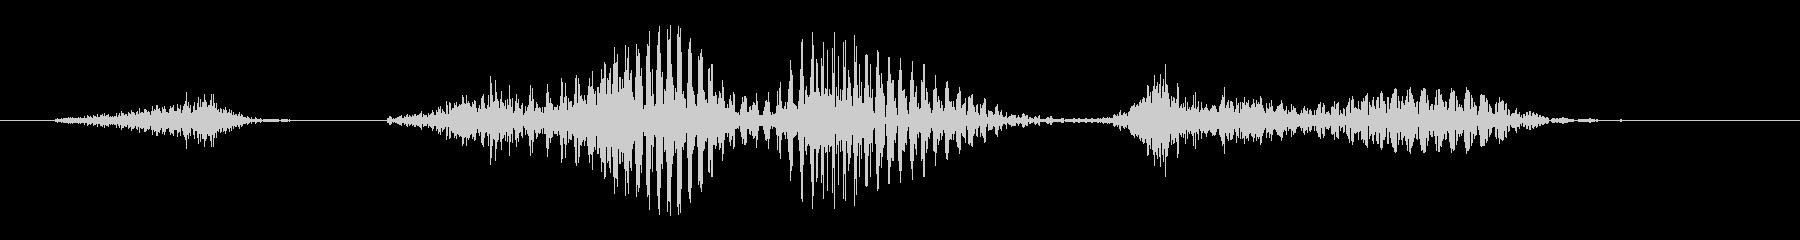 7月(しちがつ)の未再生の波形